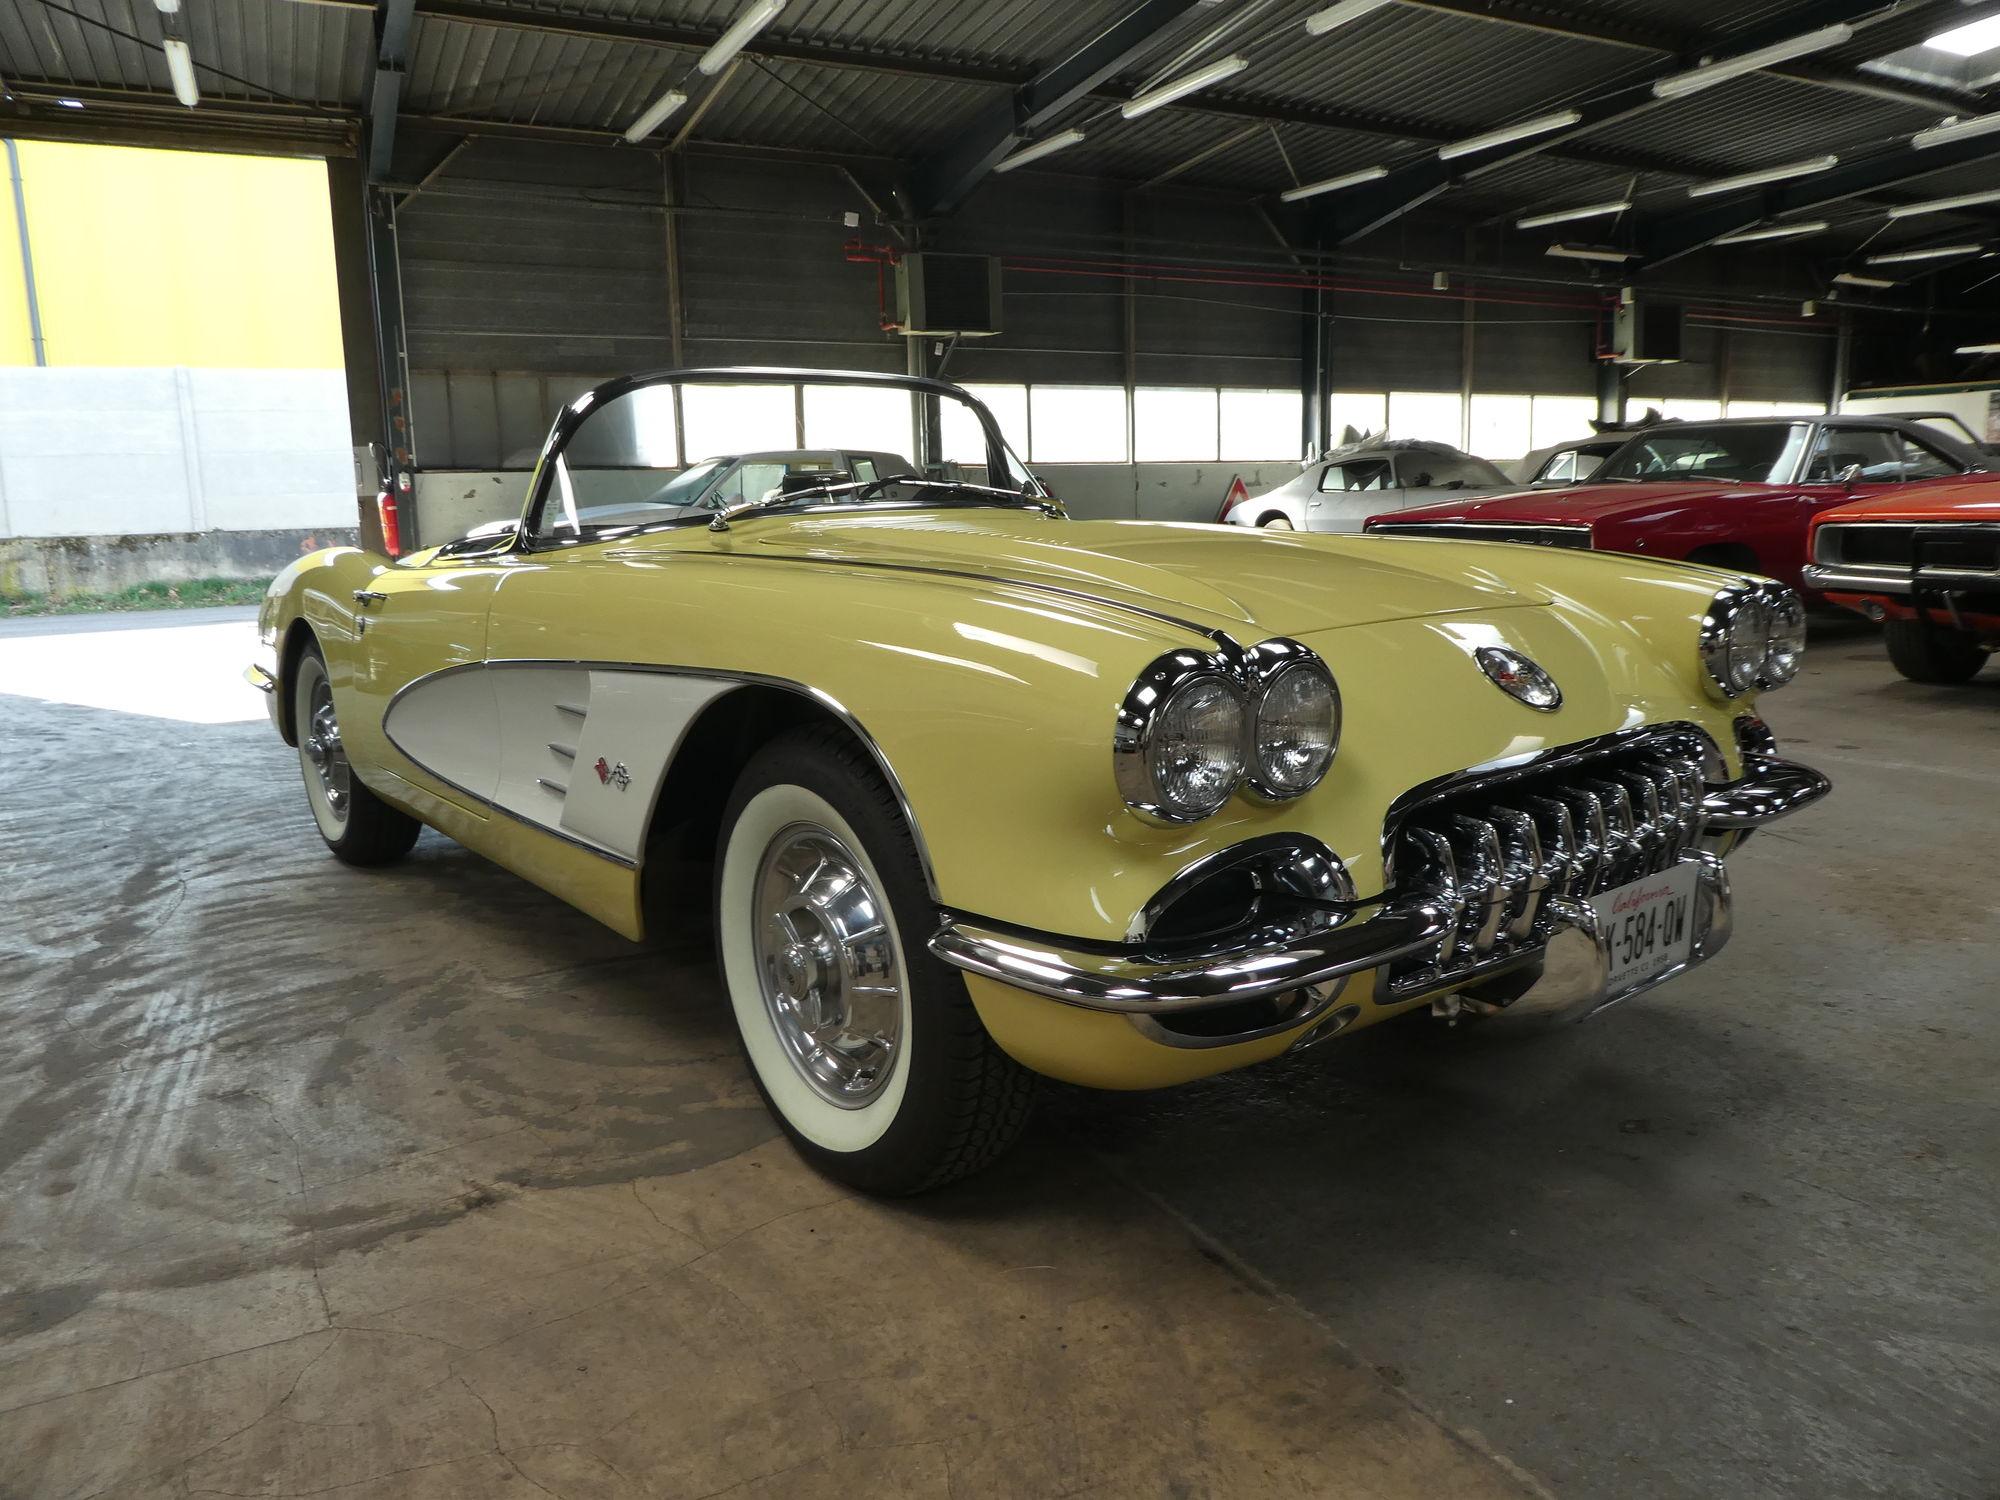 fs for sale c1 1958 frame off bold nut restoration corvetteforum chevrolet corvette. Black Bedroom Furniture Sets. Home Design Ideas